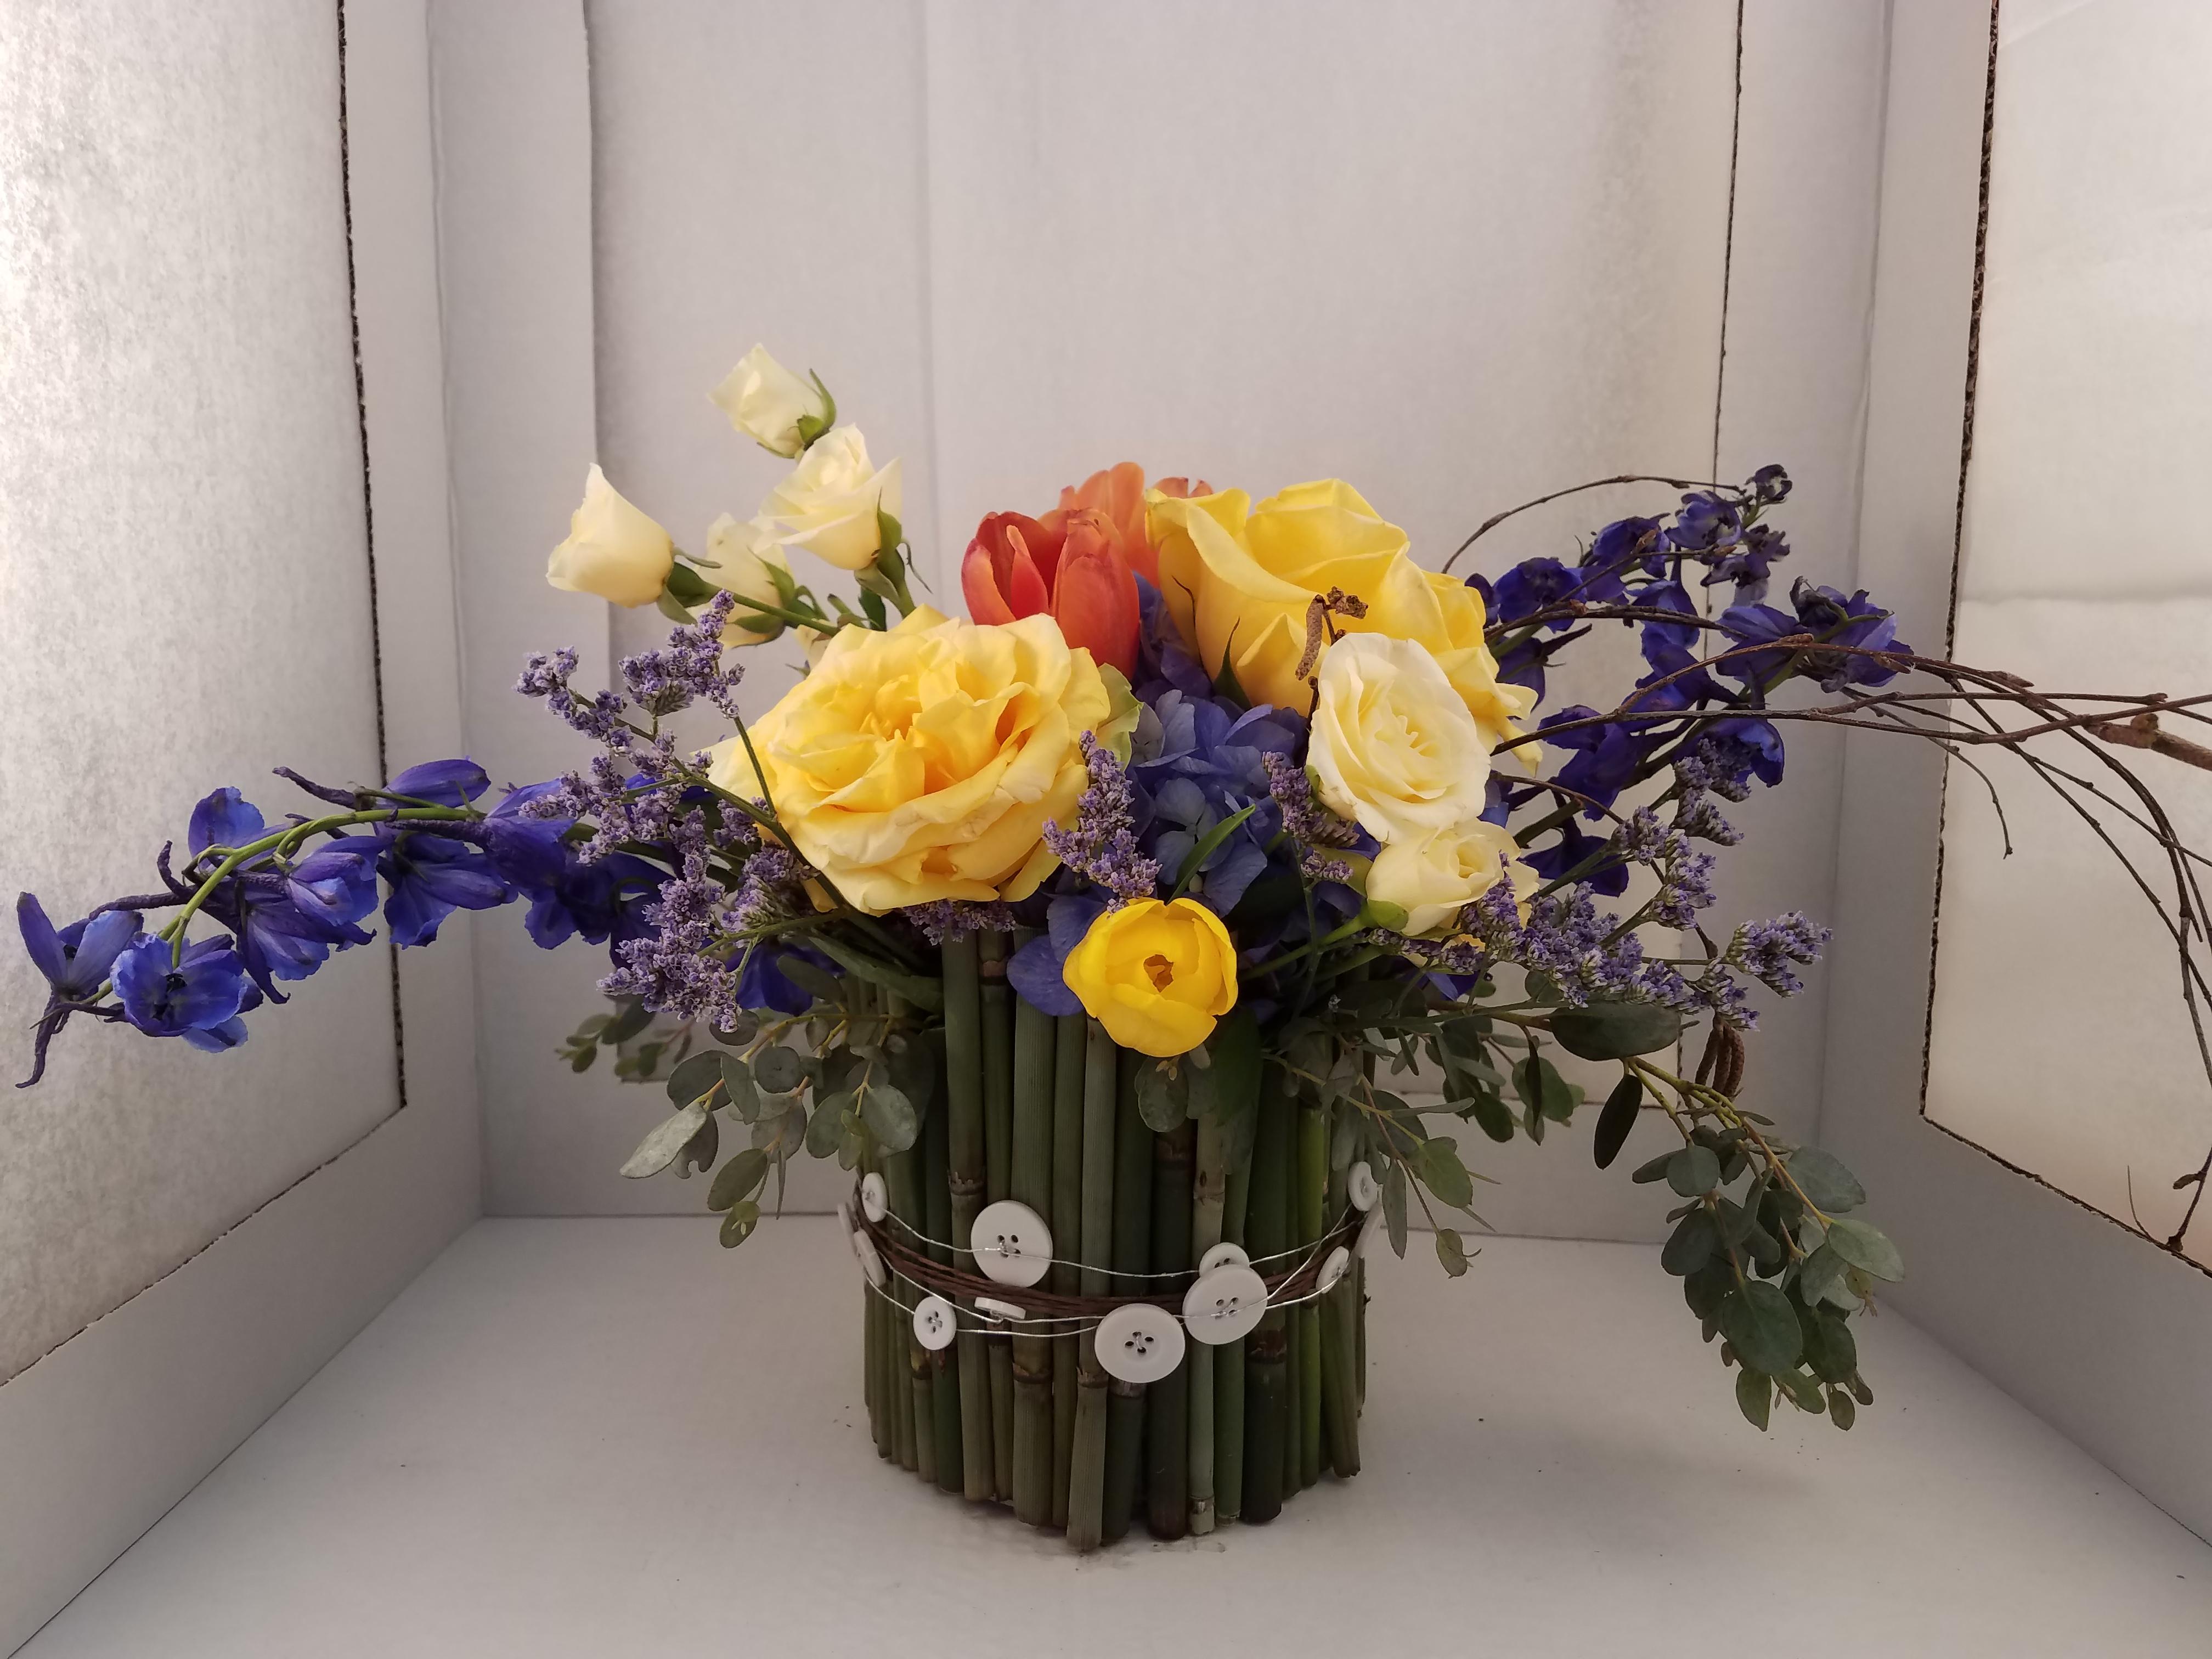 diy-floral-arrangement-class